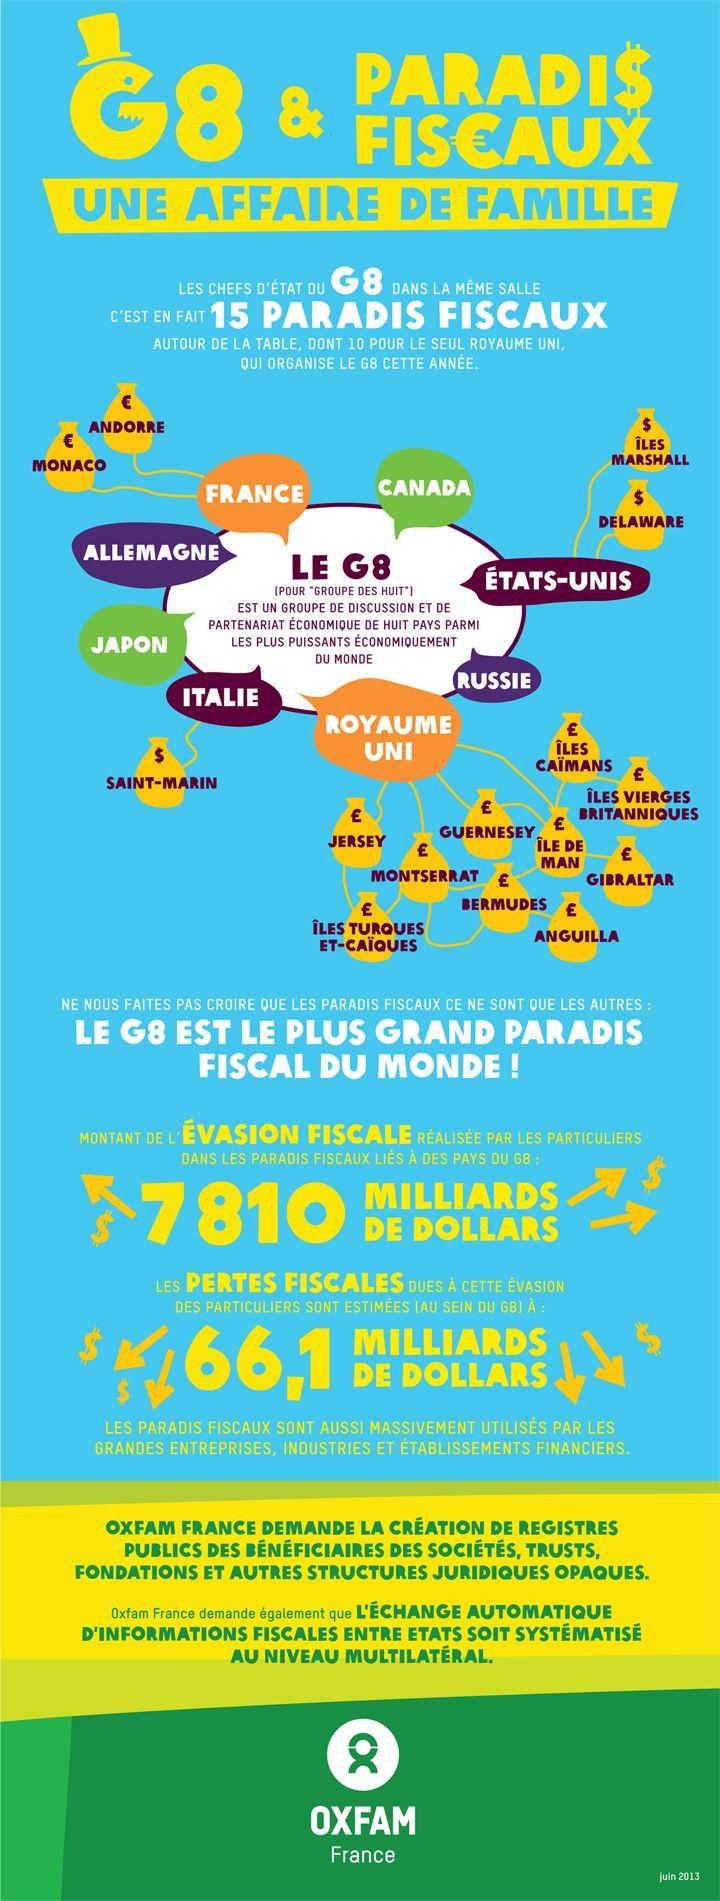 Entre le G8 et les paradis fiscaux, c'est une histoire de famille : 8 membres du G8, 15 paradis fiscaux. Les ressources qui échappent à l'impôt privent des Etats et citoyens de ressources indispensables au développement. Les membres du G8 doivent donc fermer les paradis fiscaux et montrer ainsi l'exemple.